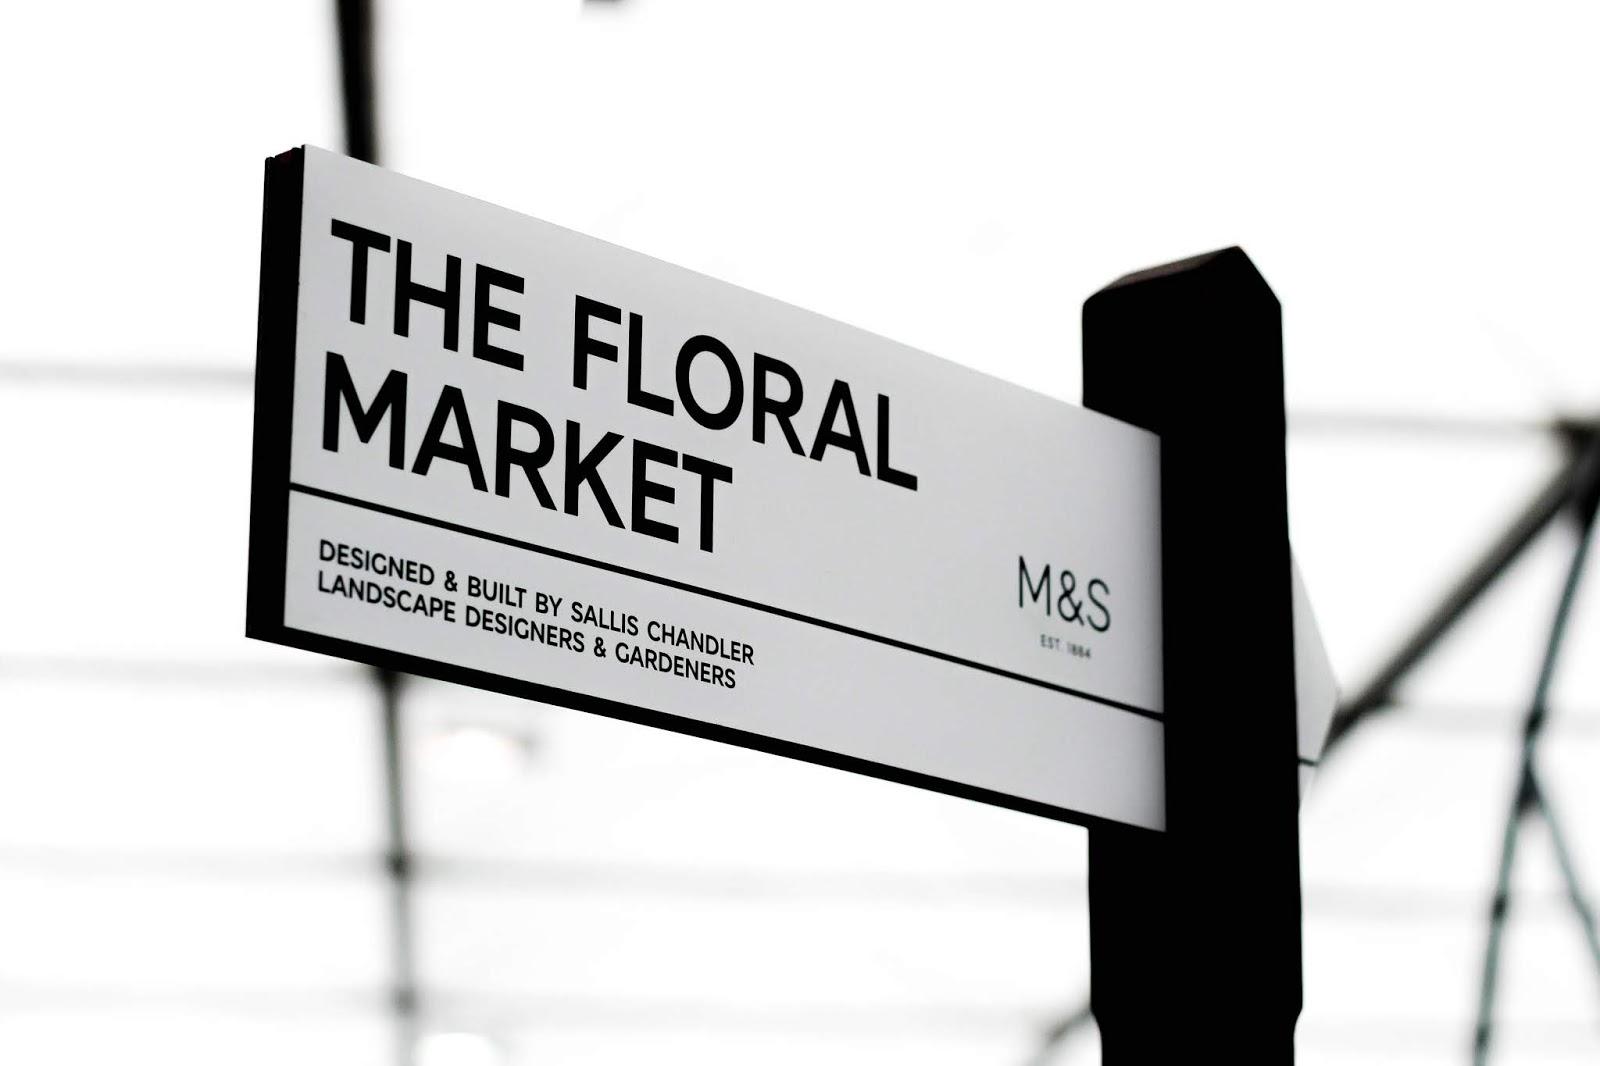 M&S The Floral Market Chelsea Flower Show 2018